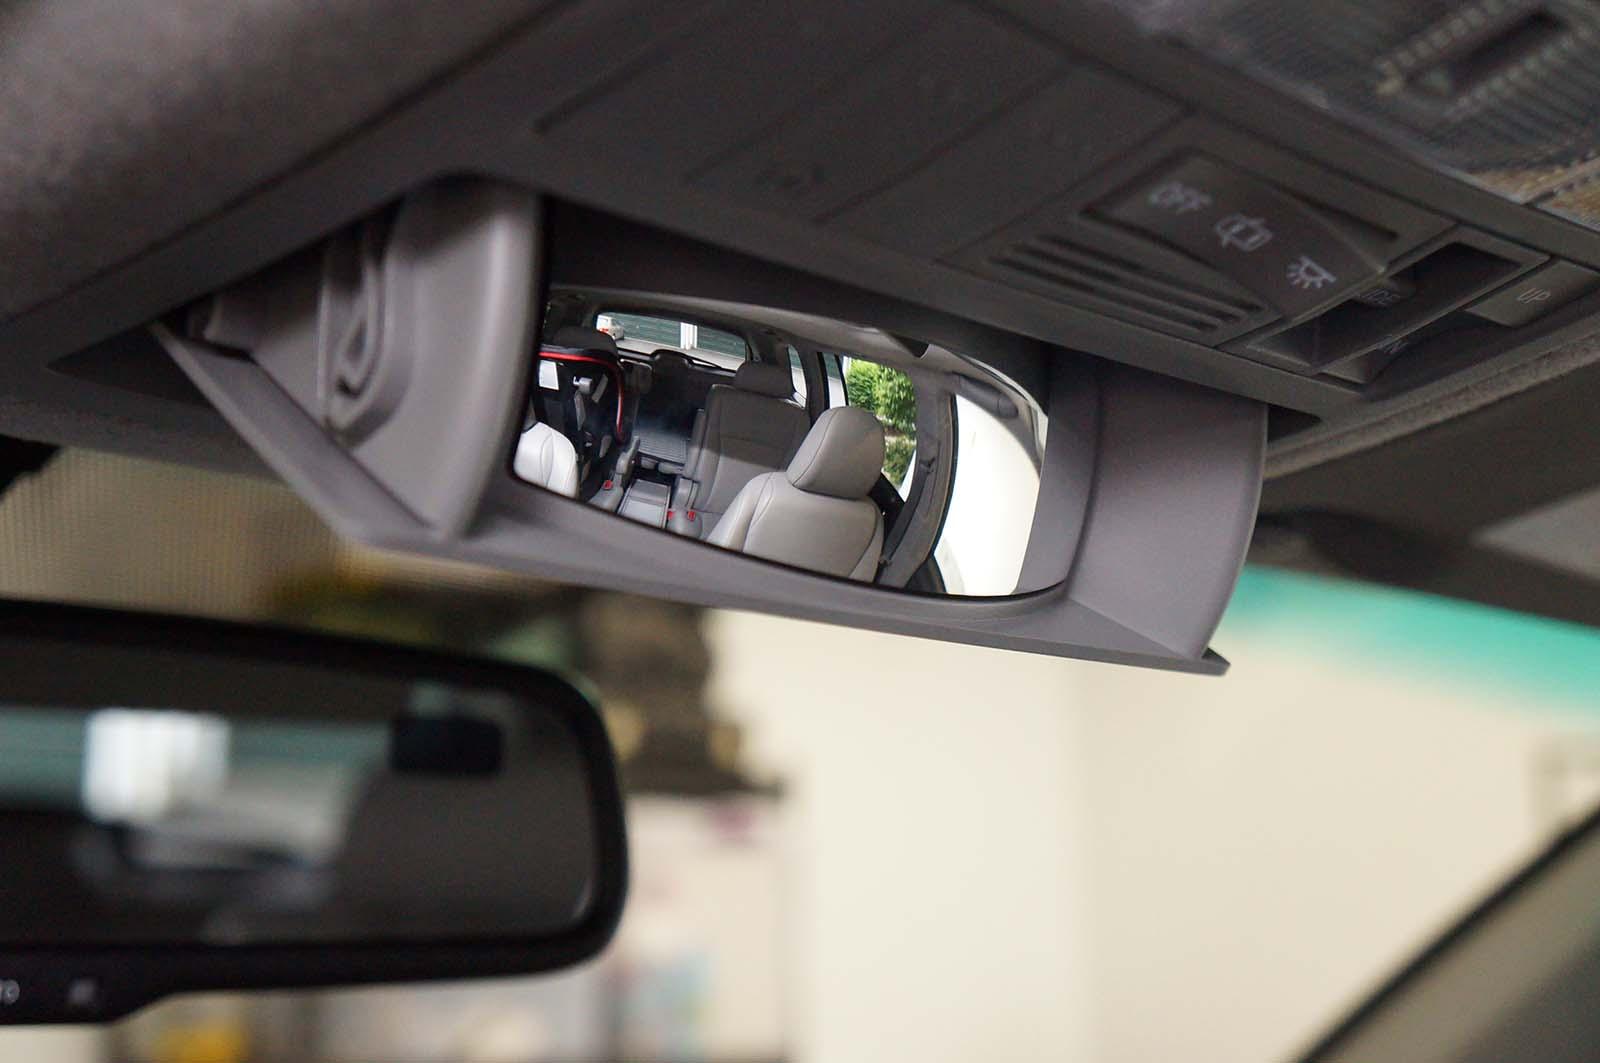 2012 Toyota Highlander mirror by Sarah Franzen